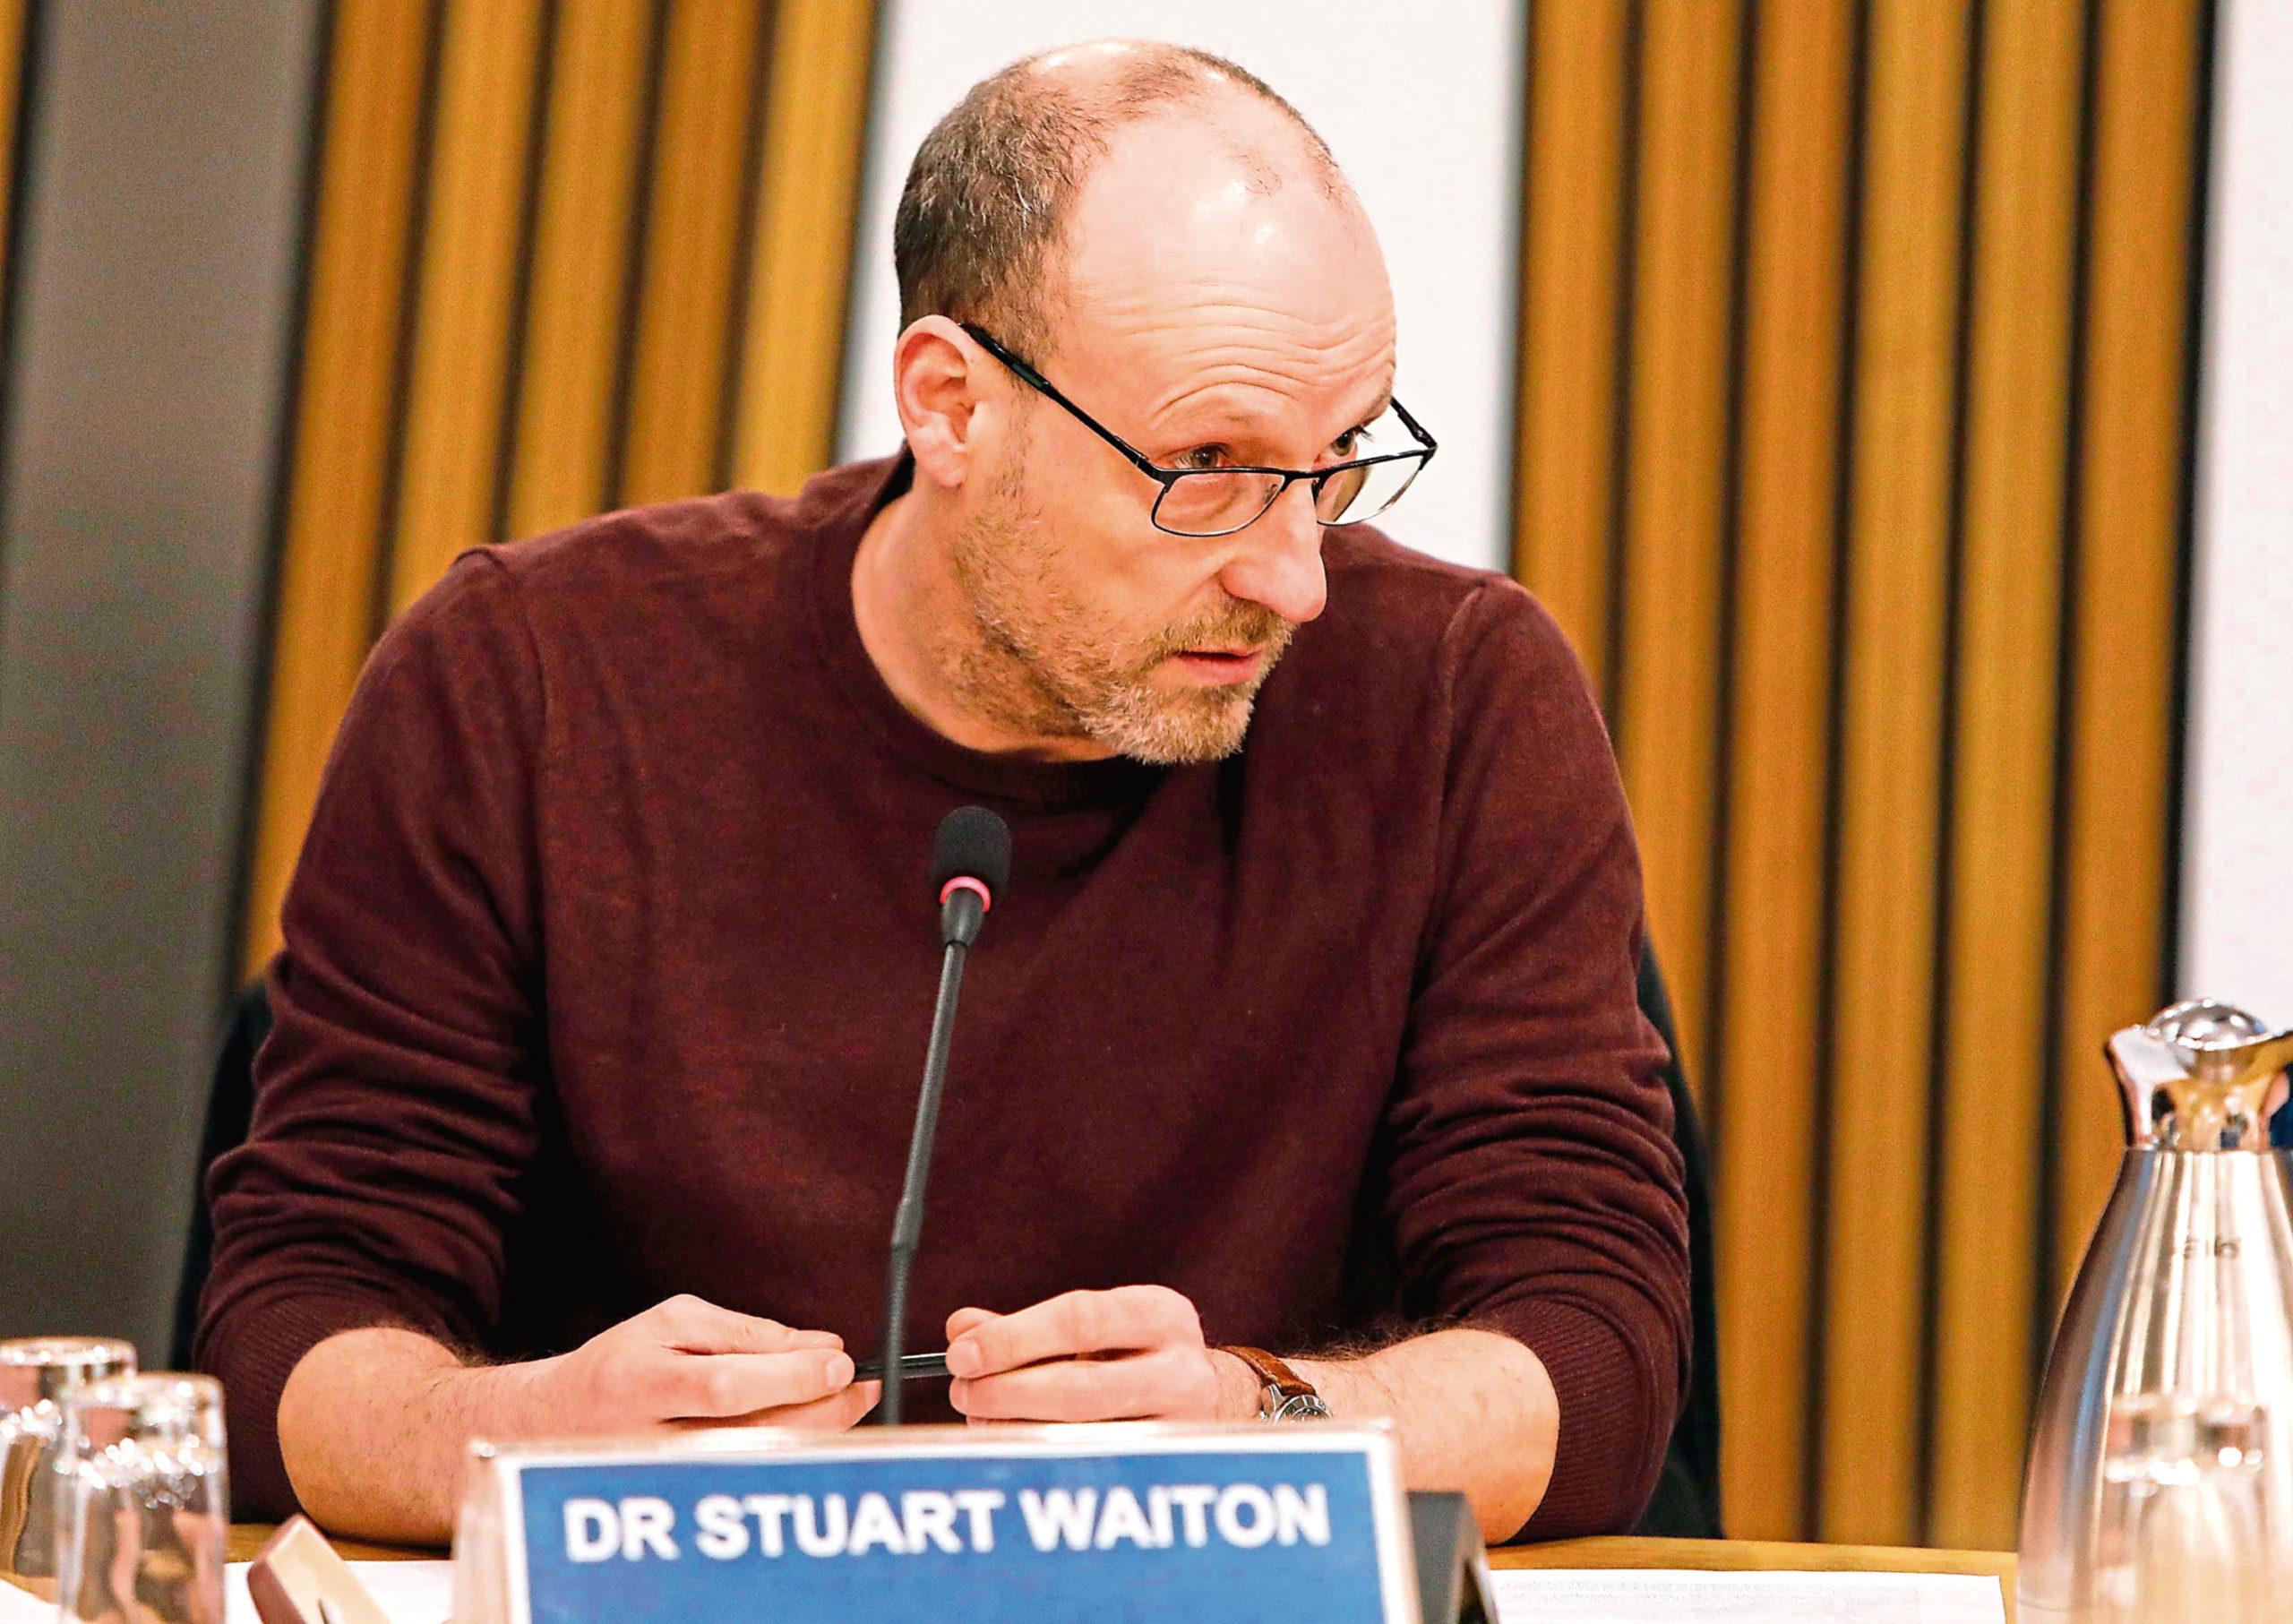 Dr Stuart Waiton.